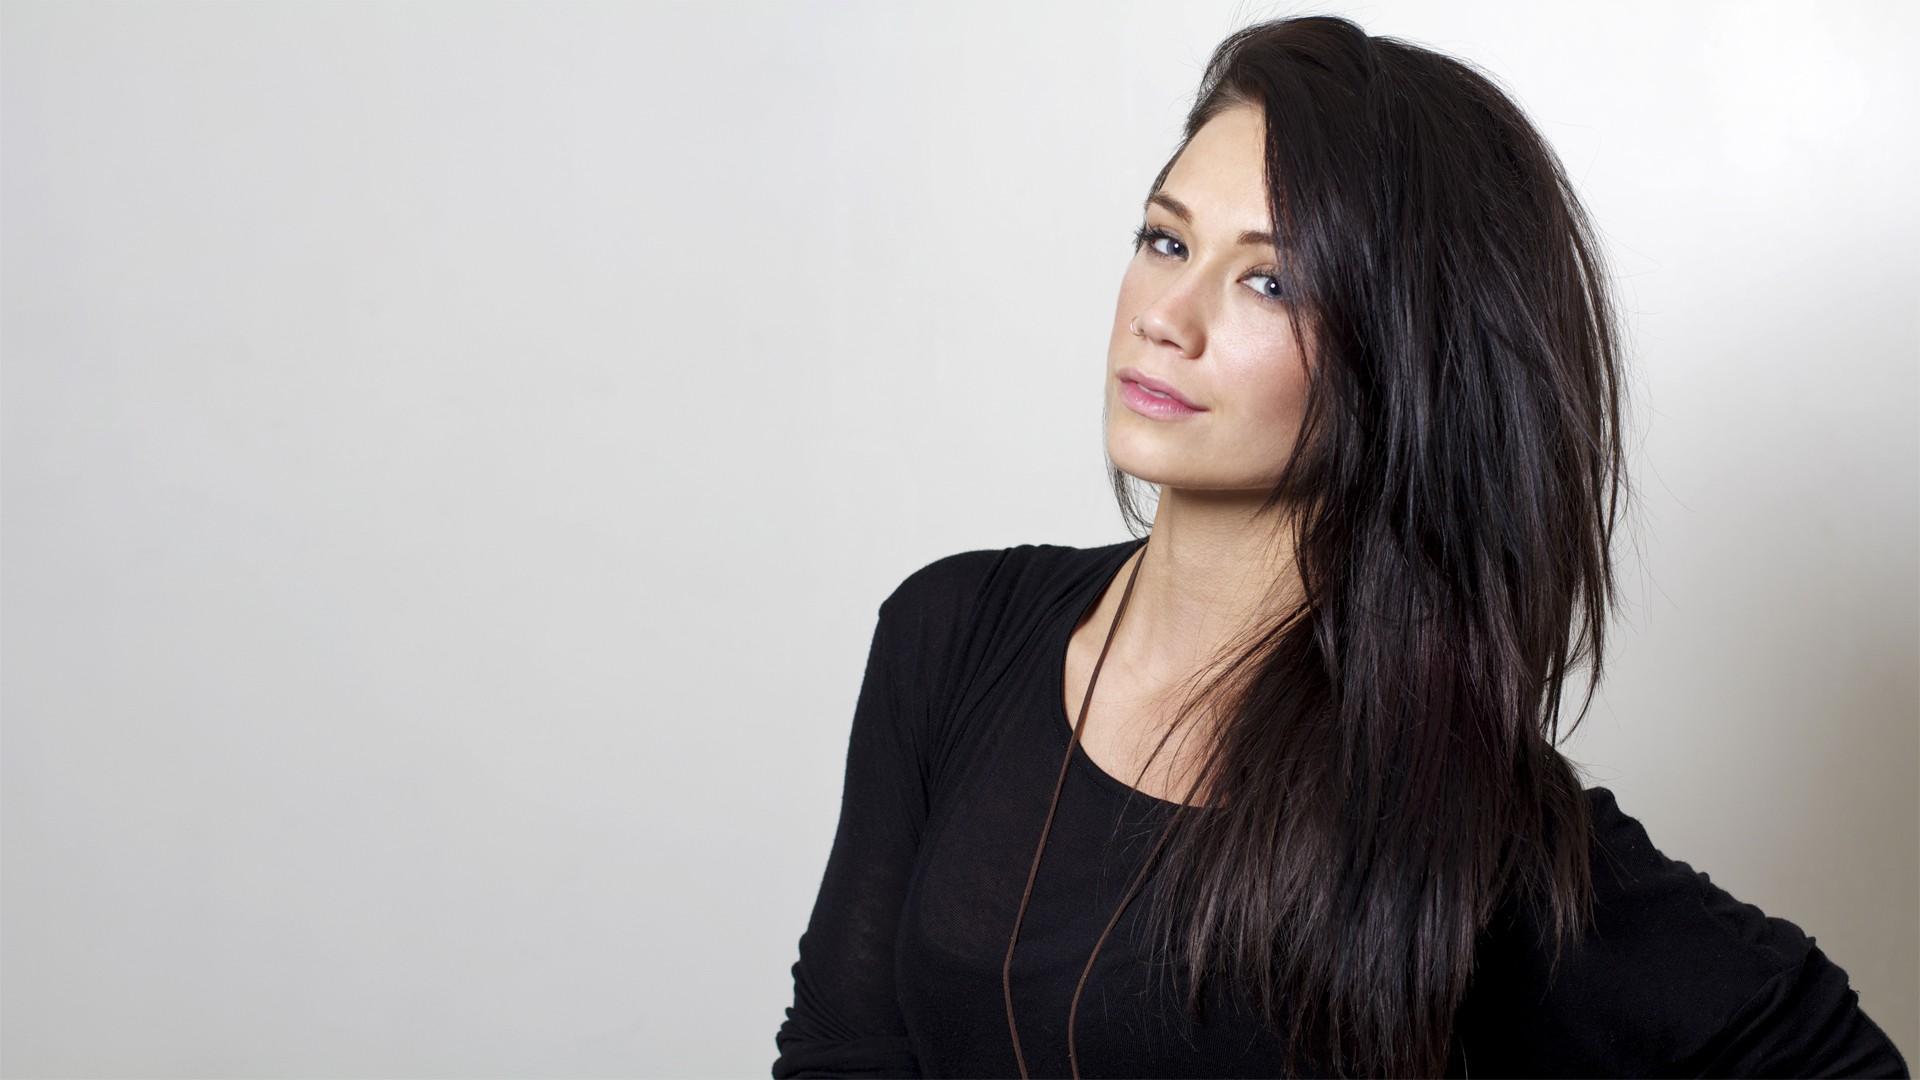 [新聞] 黑長直女神護理頭髮的6個技巧